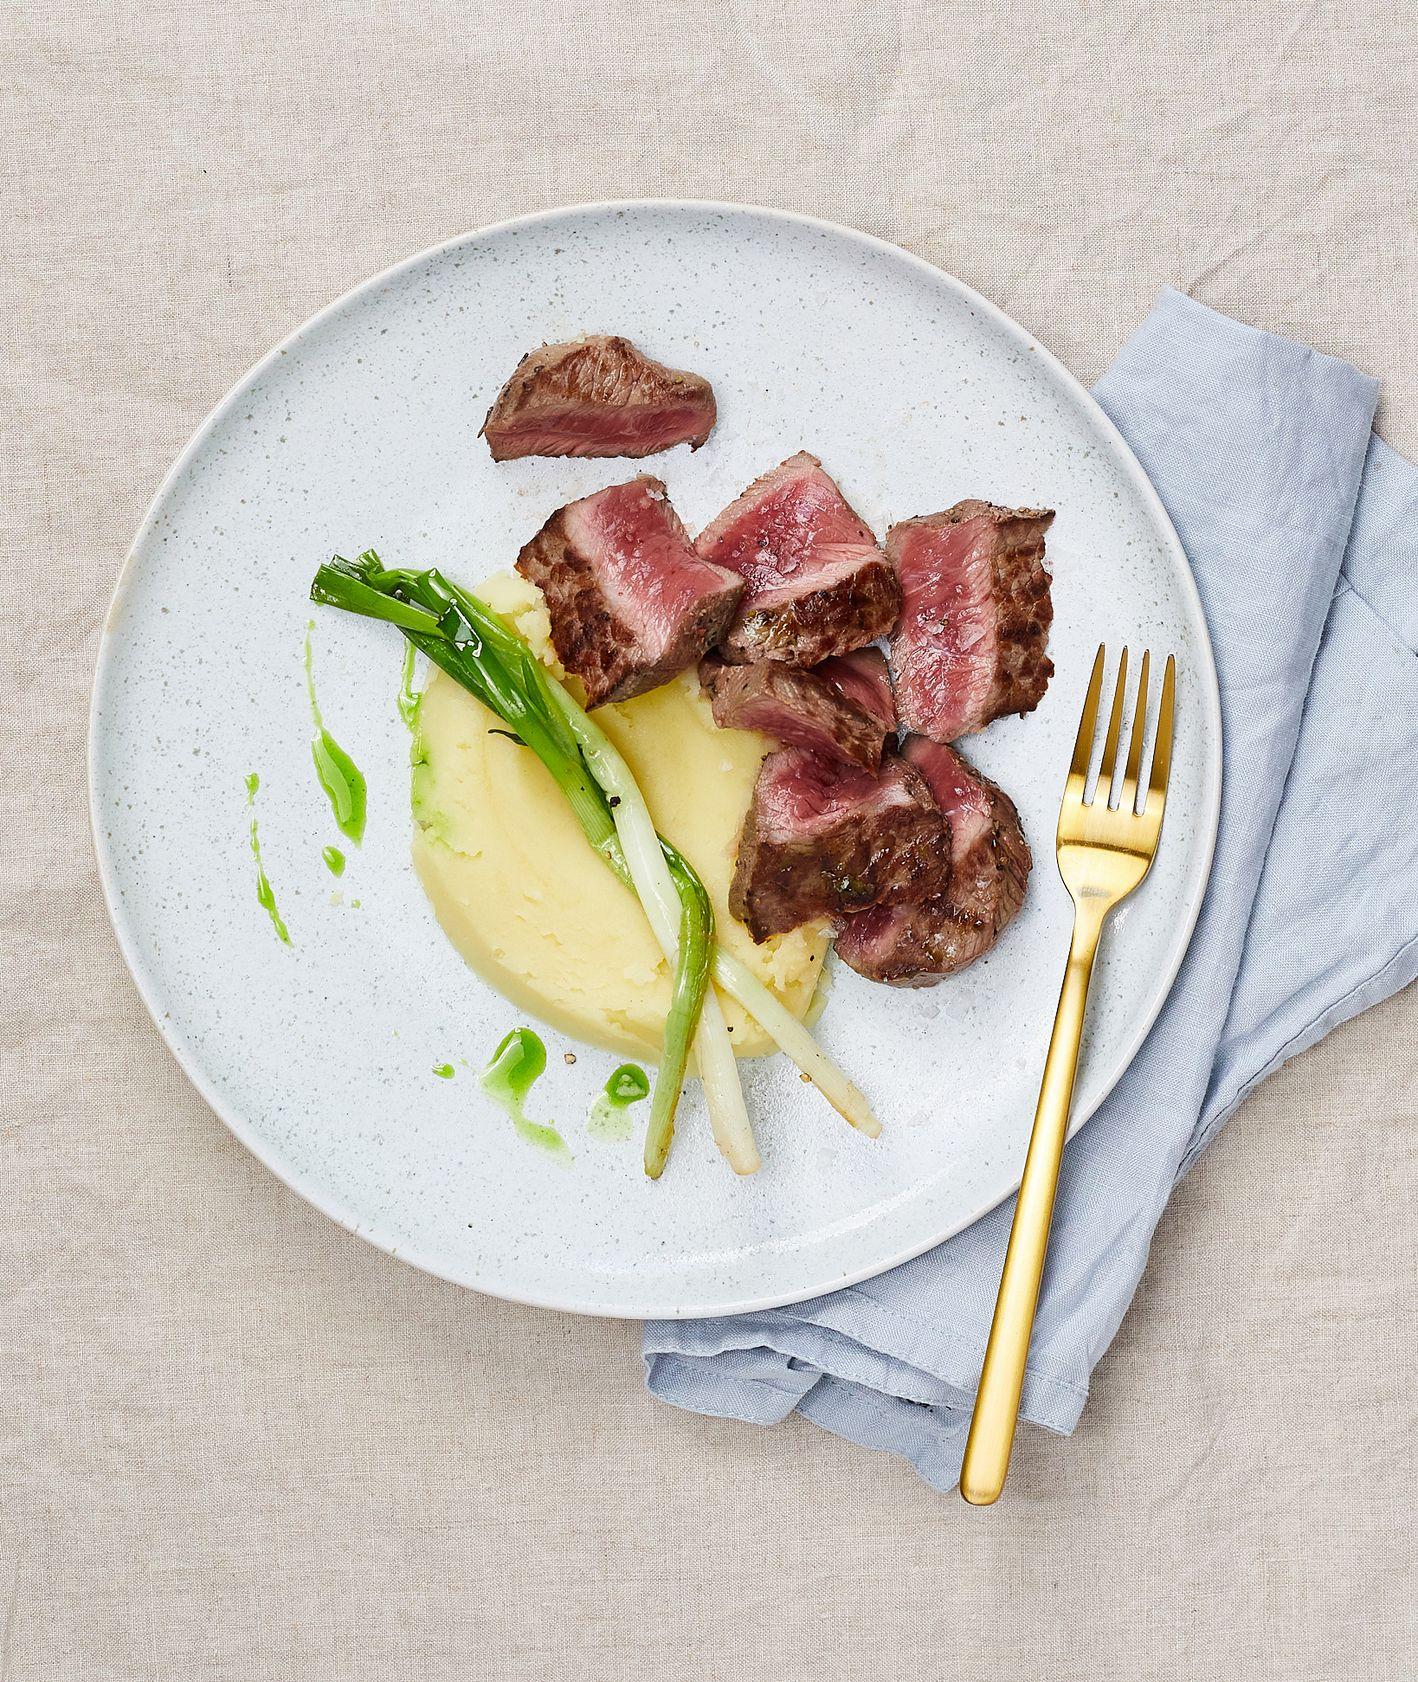 Przepis na stek i sezonowe, wiosenne cebulki (fot. Maciek Niemojewski)